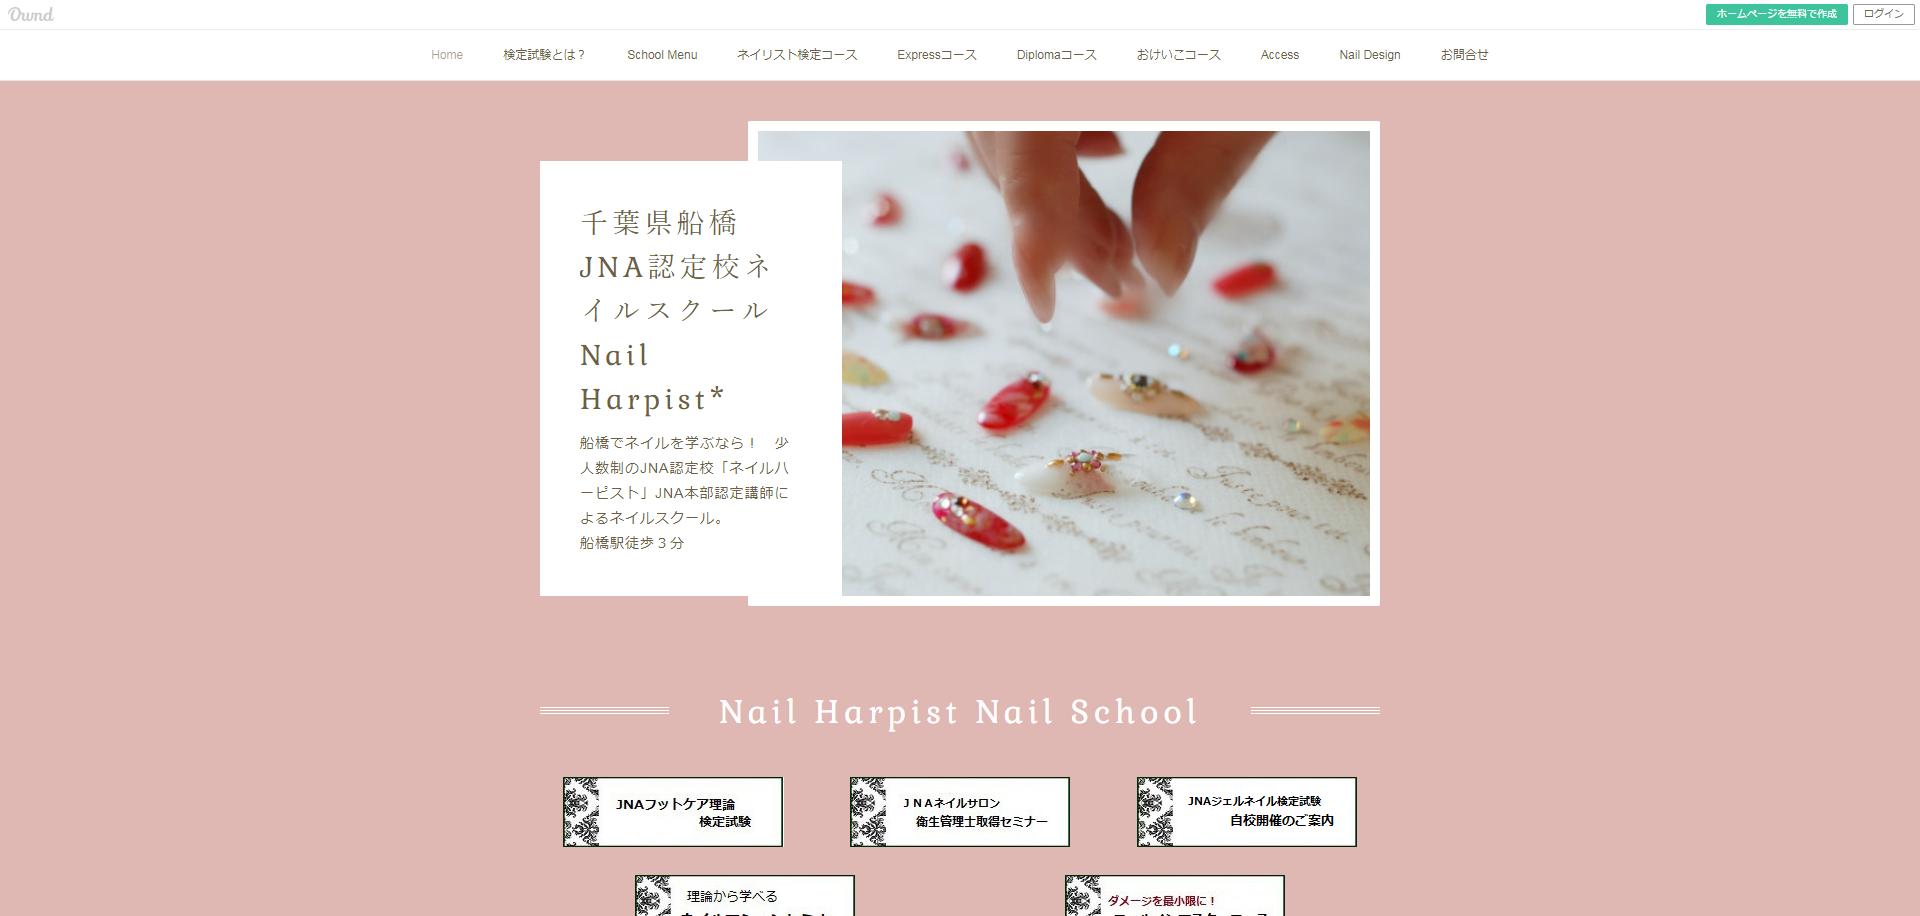 Nail Harpist(ネイルハーピスト)